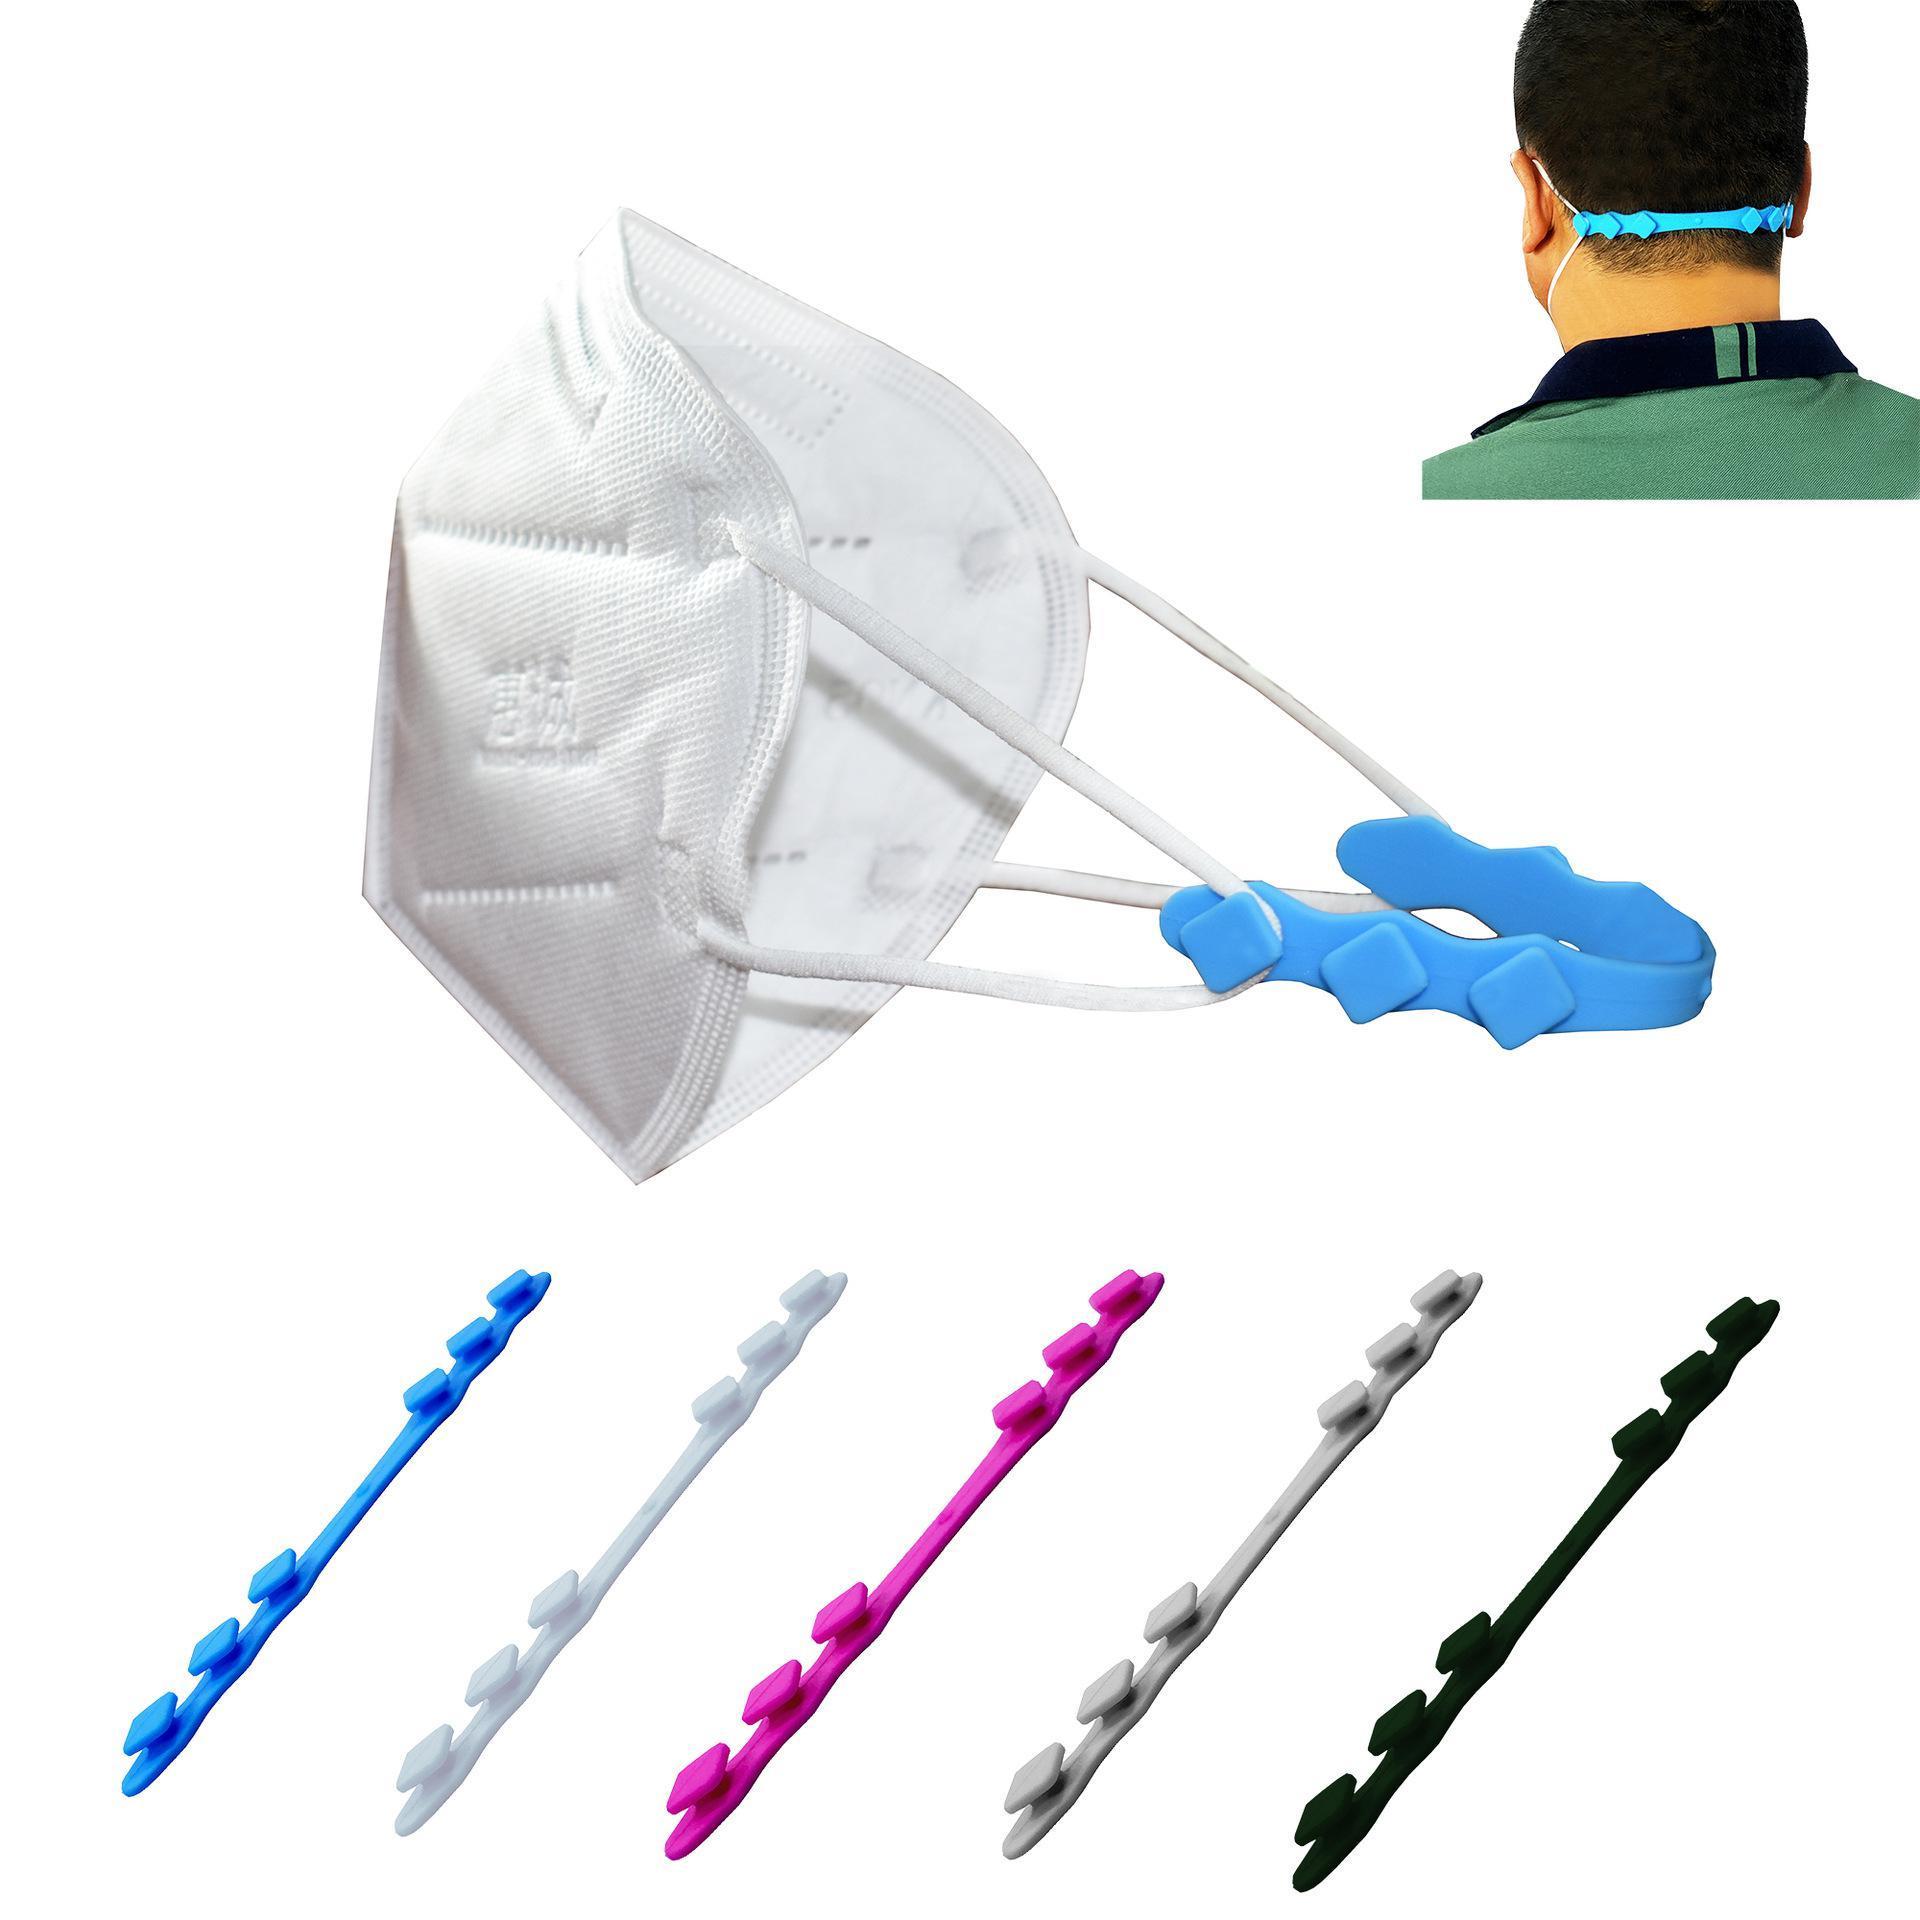 Masque Anti-Le réglage Earhook Protection Artefact Lumière Crochets masque partenaire FWD149